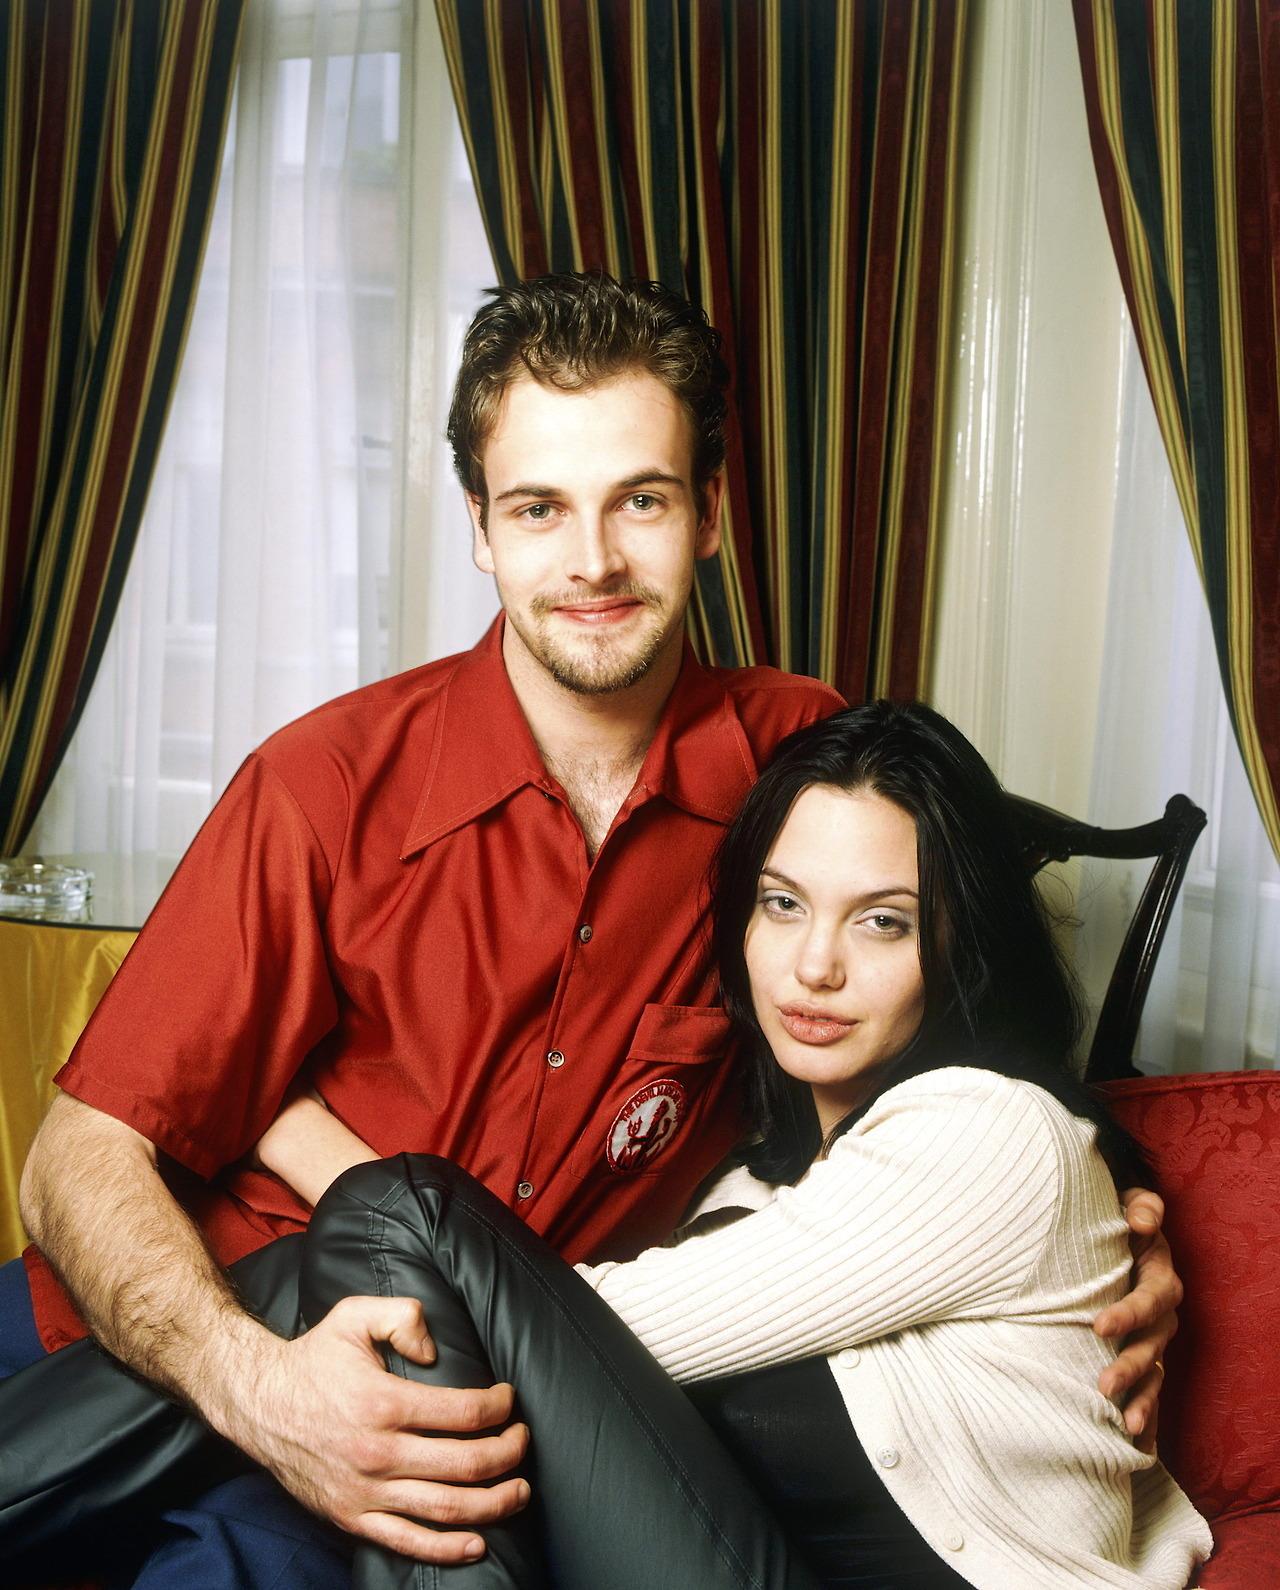 Angelina Jolie lại đi hẹn hò với chồng cũ, lộ ảnh trong xe làm dân tình rần rần: Liệu có tái hợp sau 20 năm? - Ảnh 10.